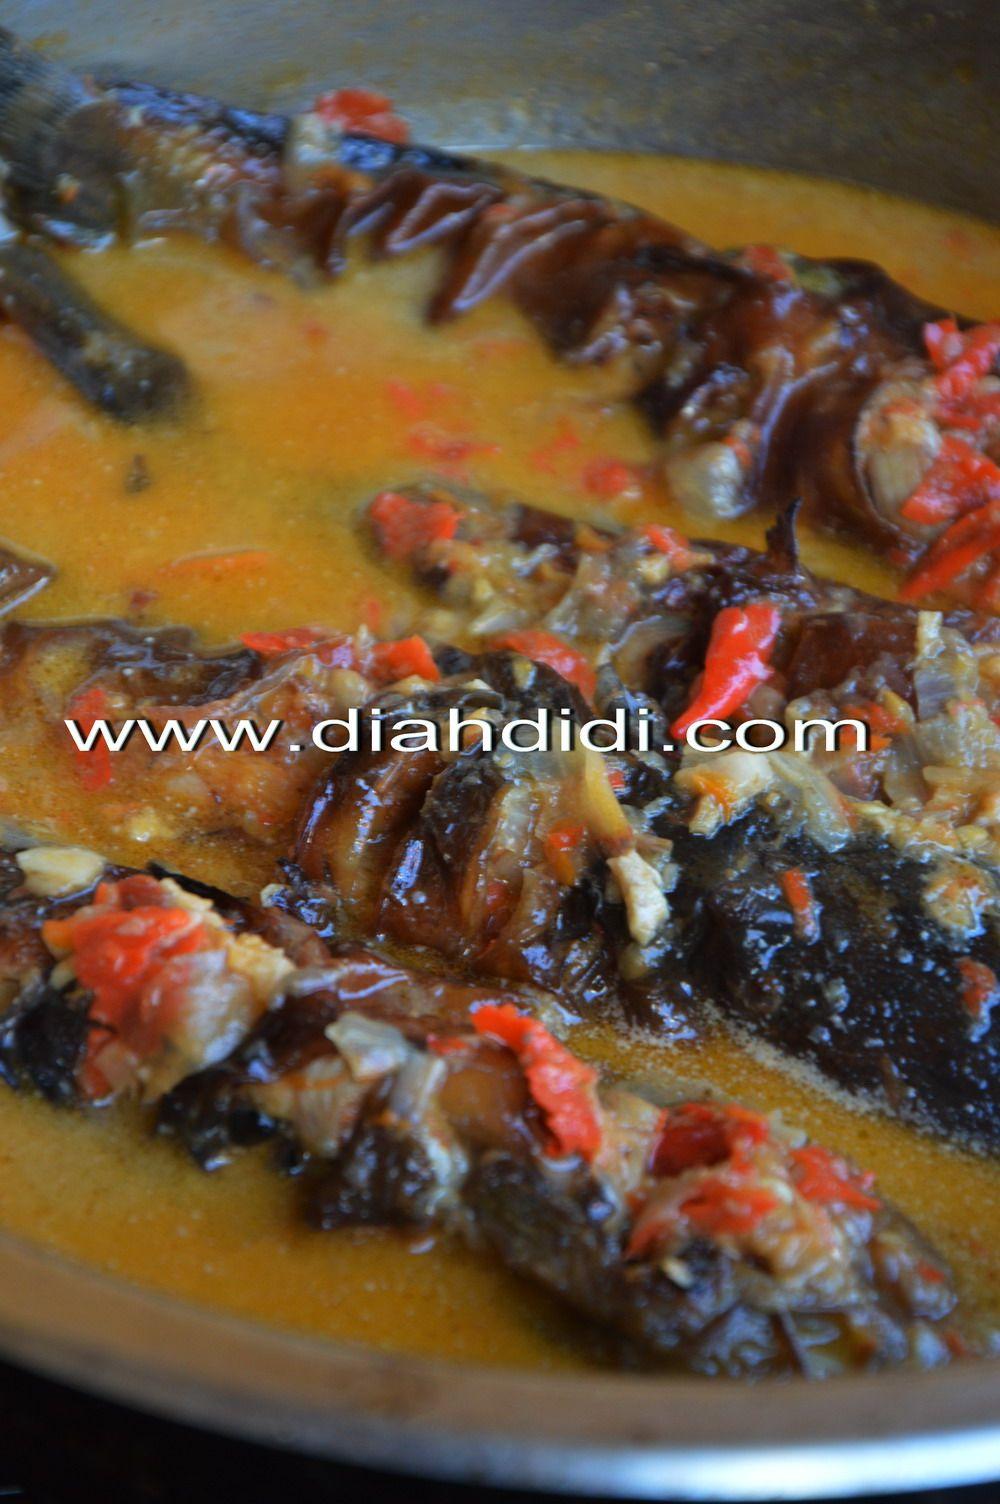 Resep Mangut Lele Asap Khas Yogya Resep Masakan Masakan Indonesia Makanan